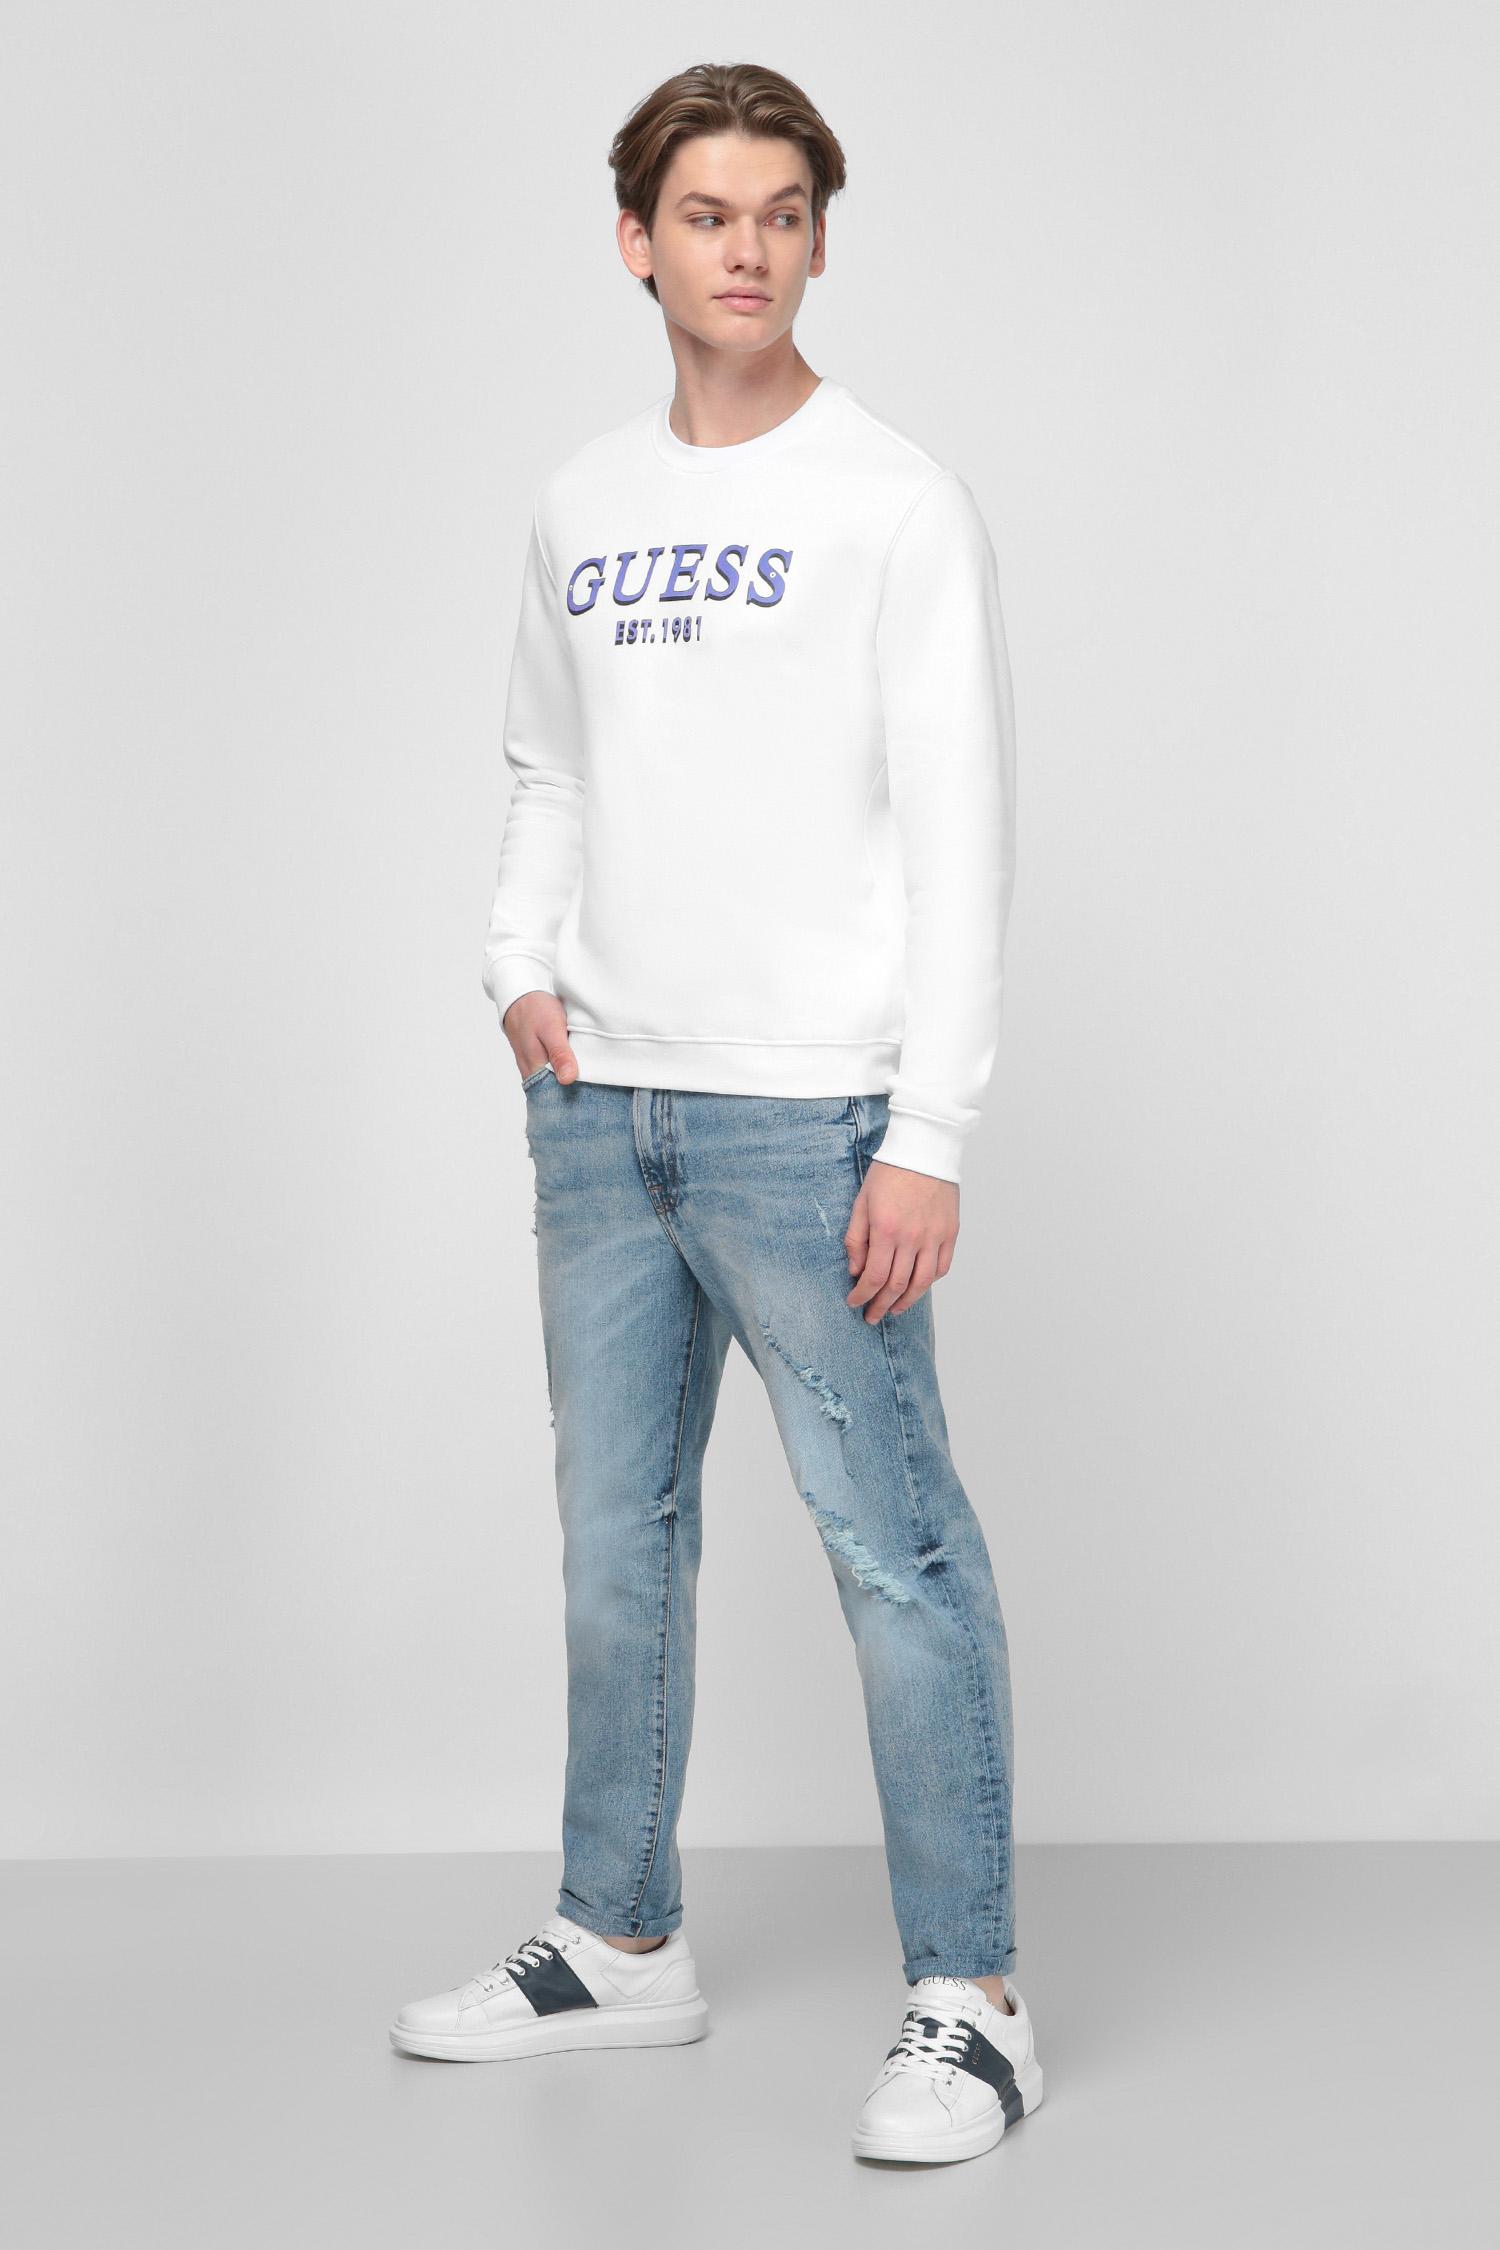 Белый свитшот с принтом для парней Guess M0BQ76.K9V31;TWHT